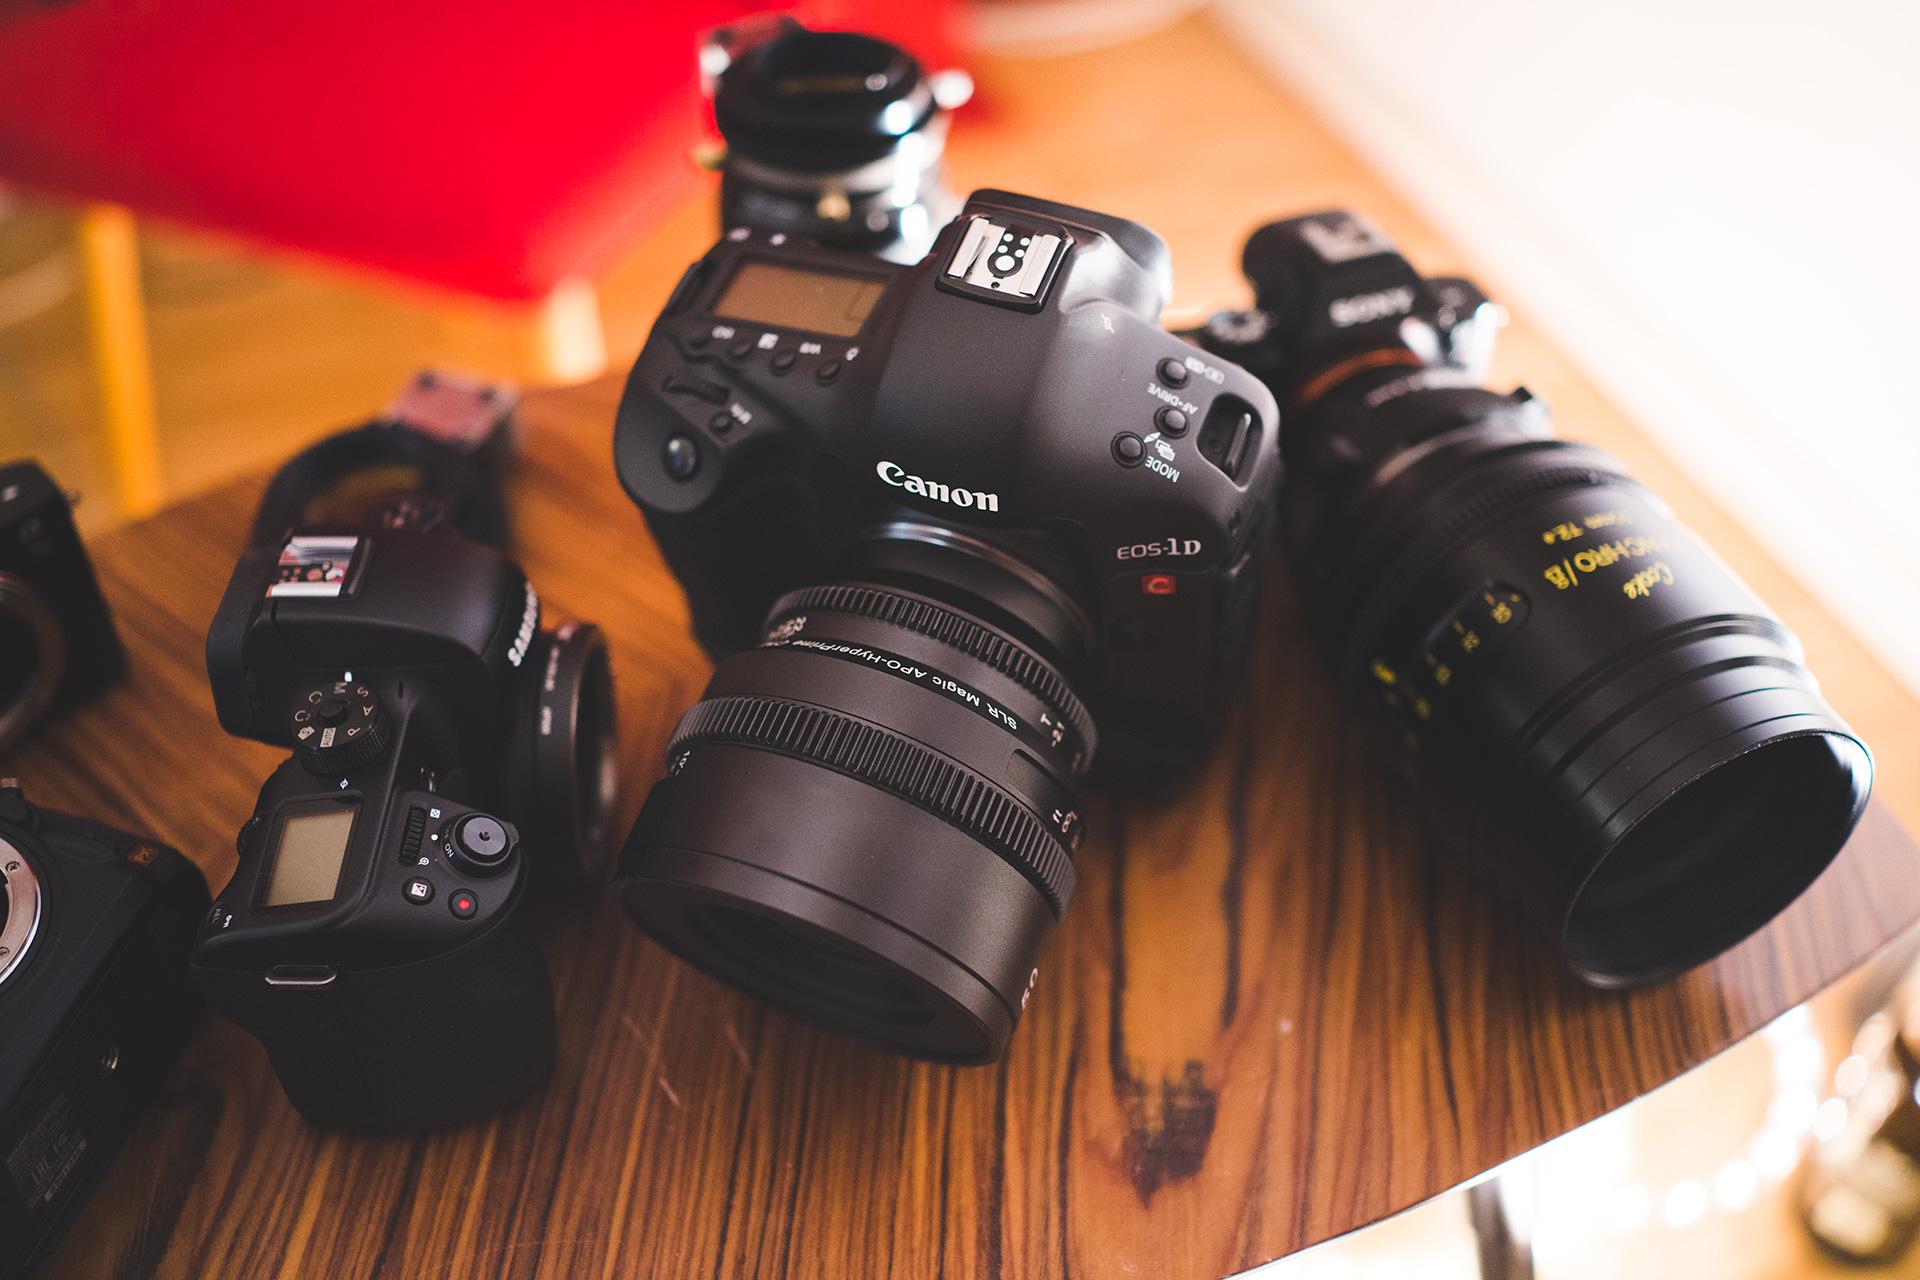 Camera release date